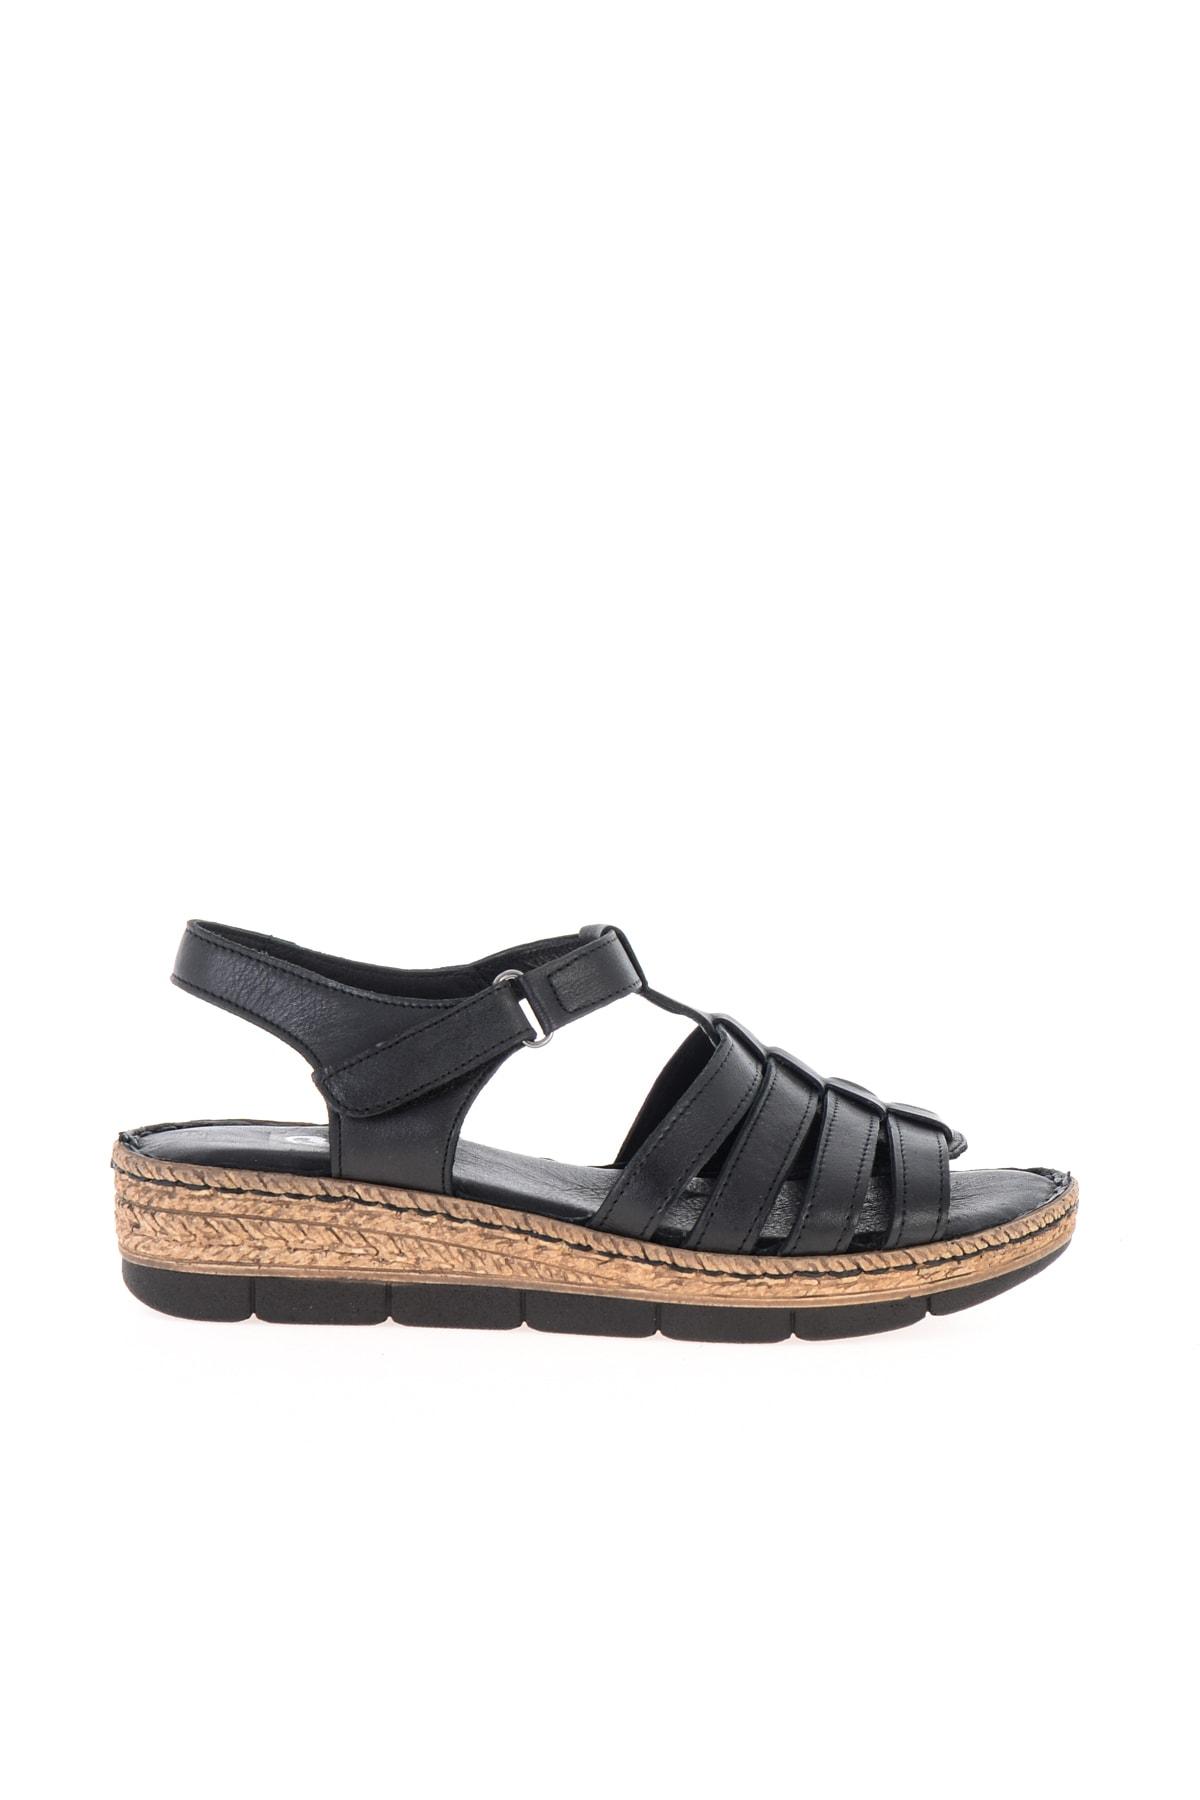 Bambi Sıyah Kadın Sandalet L0586107003 2